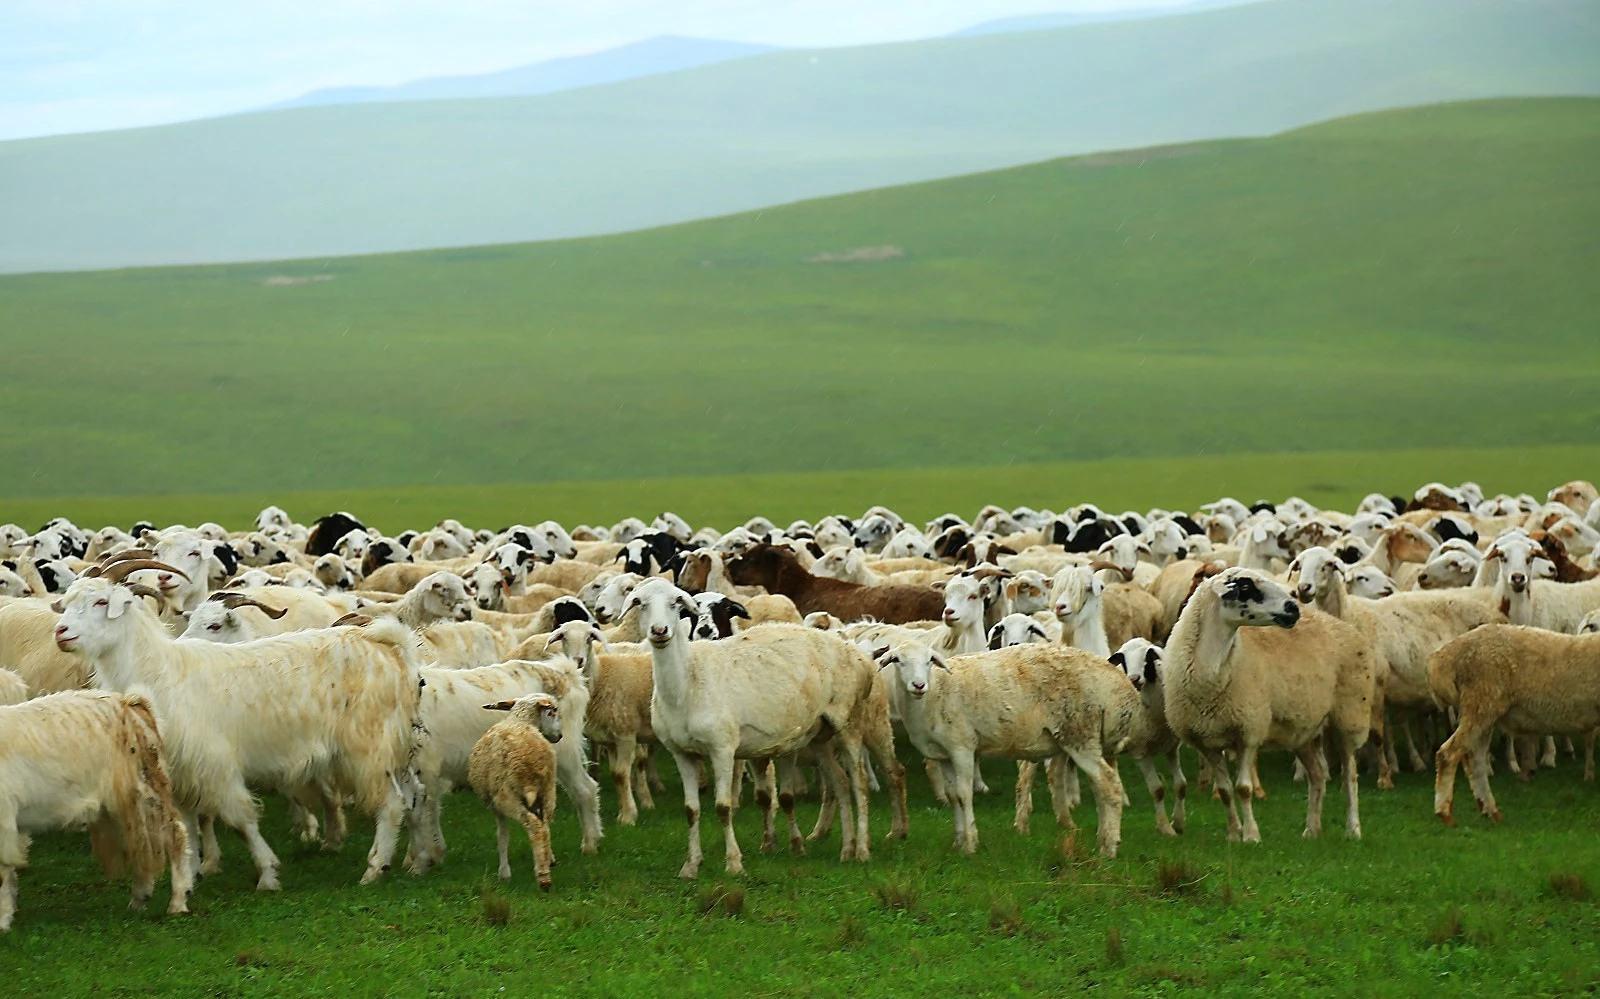 干旱影响内蒙古畜牧业 牛羊提早出栏市场迎波动